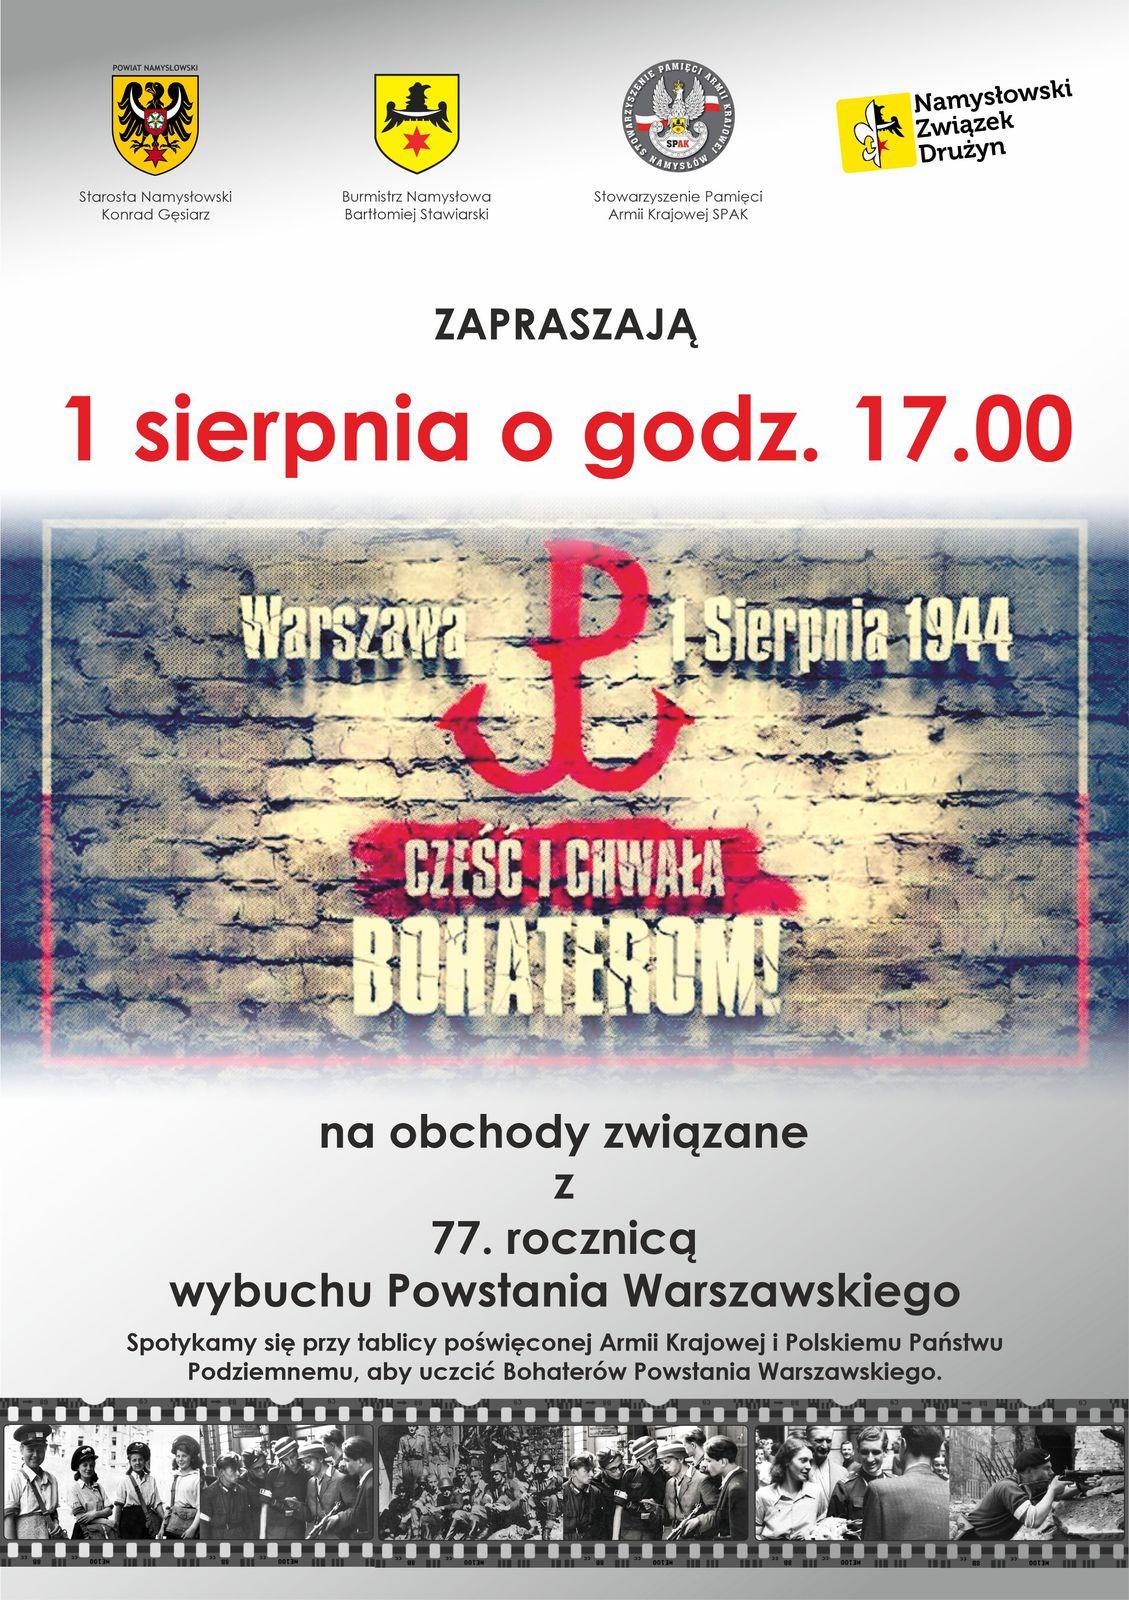 77 rocznica wybuchu powstania warszawskiego.jpeg